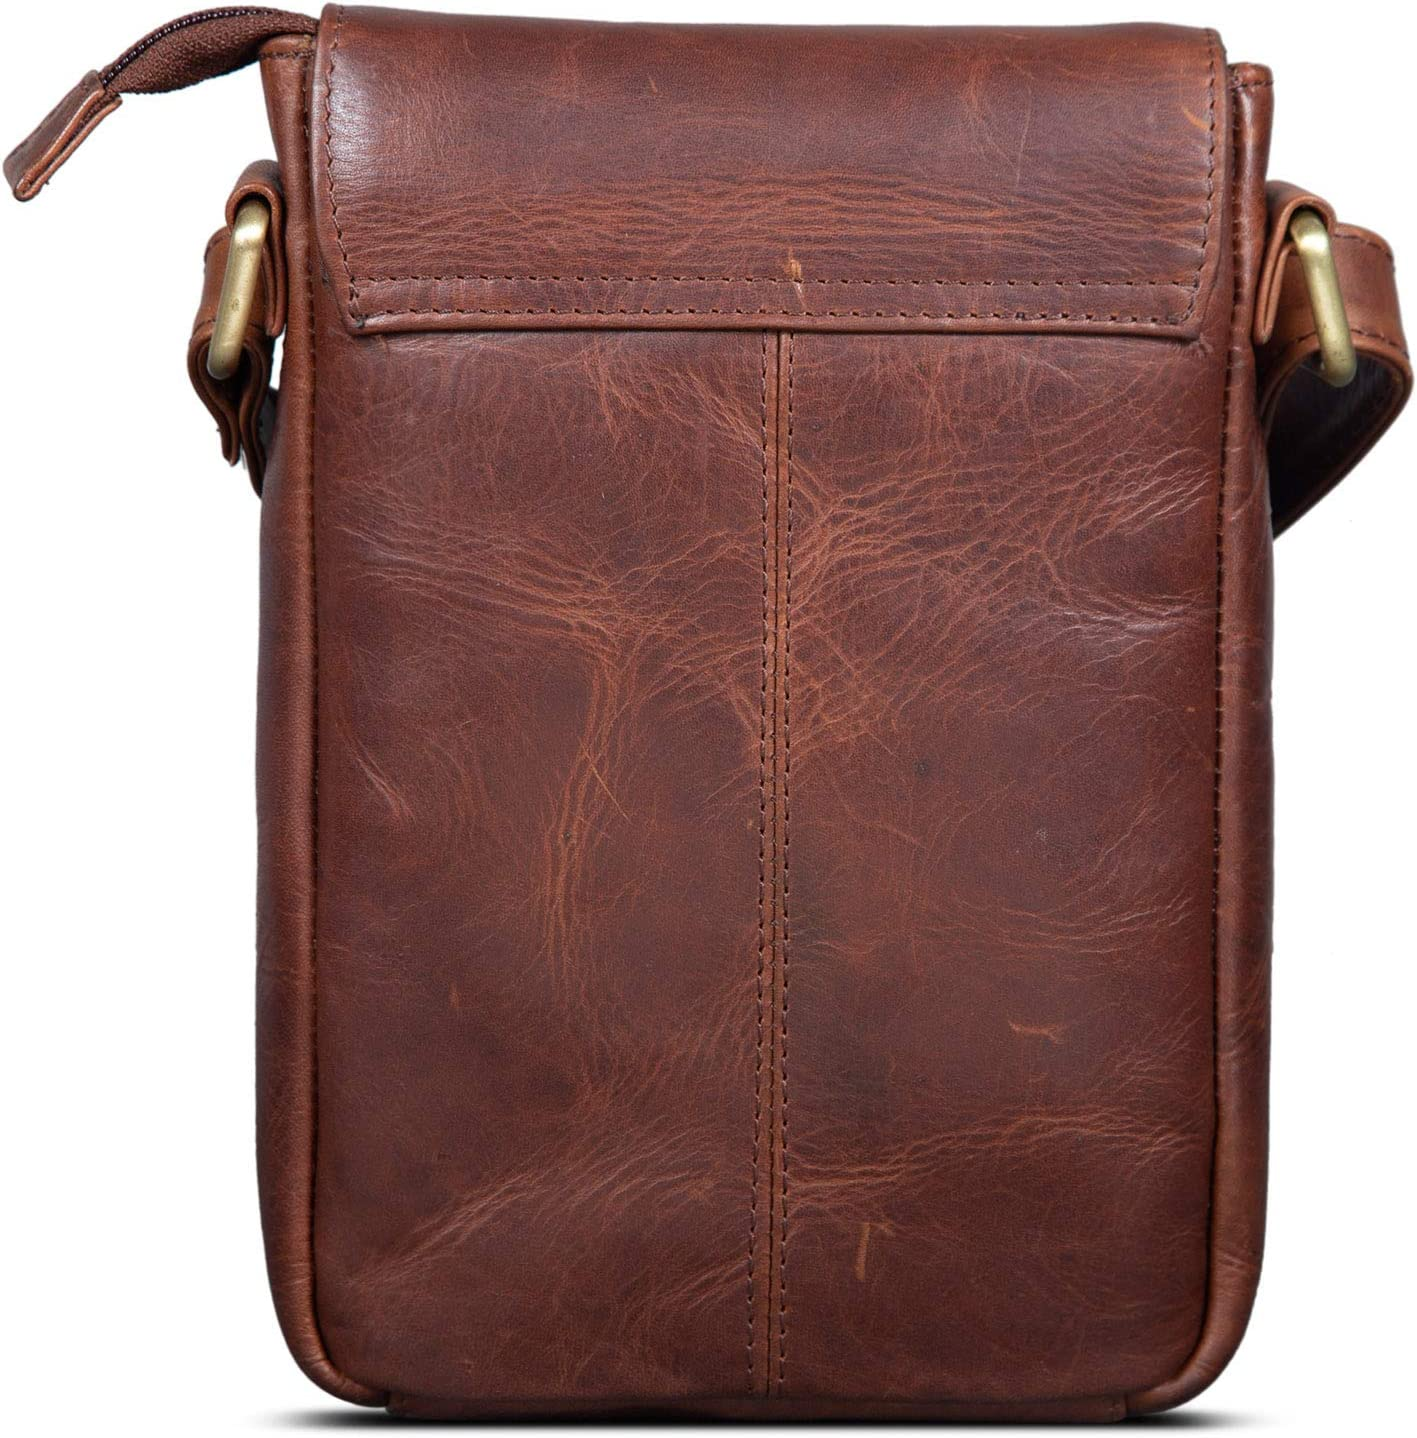 Couleur:Marron Cognac Roma ROYALZ Sacoche /à Bandouli/ère Petit Homme Cuir V/éritable Sac /à MainVintage pour Tablette iPad 9,7 Pouces Messager Besace Sac /à l/épaule